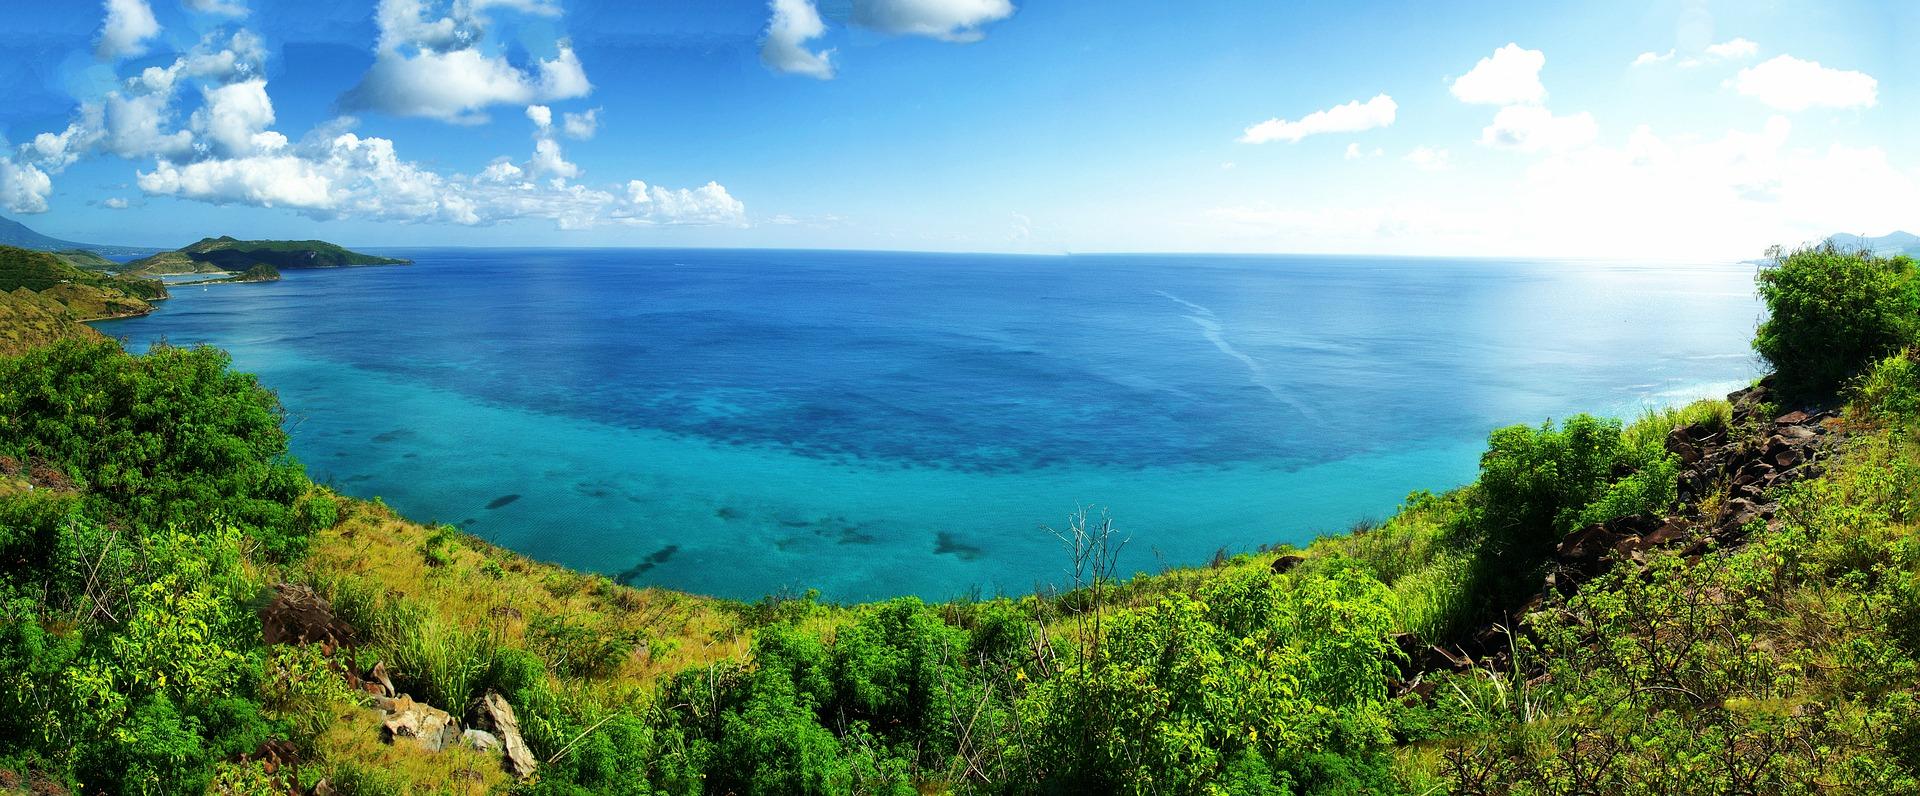 St. Kitts and Nevis honeymoon destination